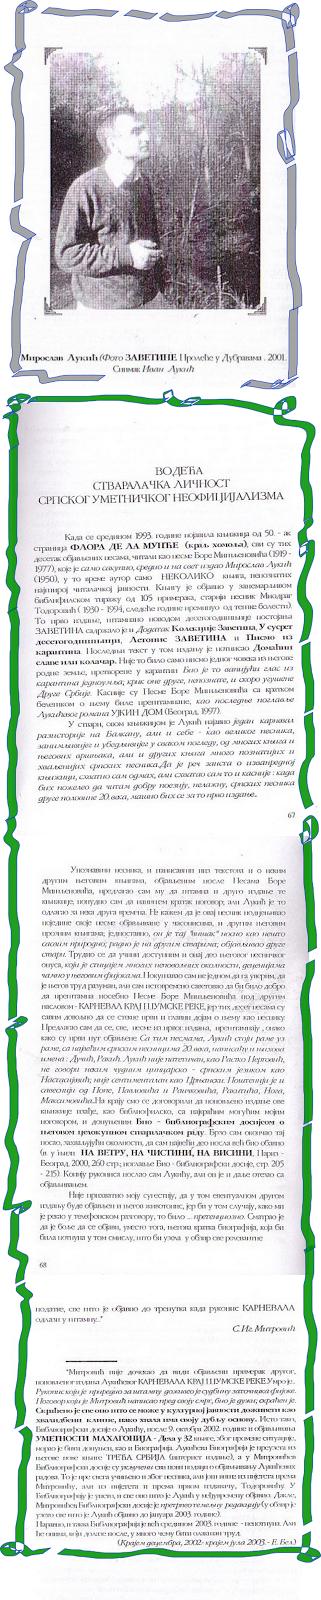 ВОДЕЋА СТВАРАЛАЧКА ЛИЧНОСТ СРПСКОГ НЕОФИЦИЈАЛИЗМА